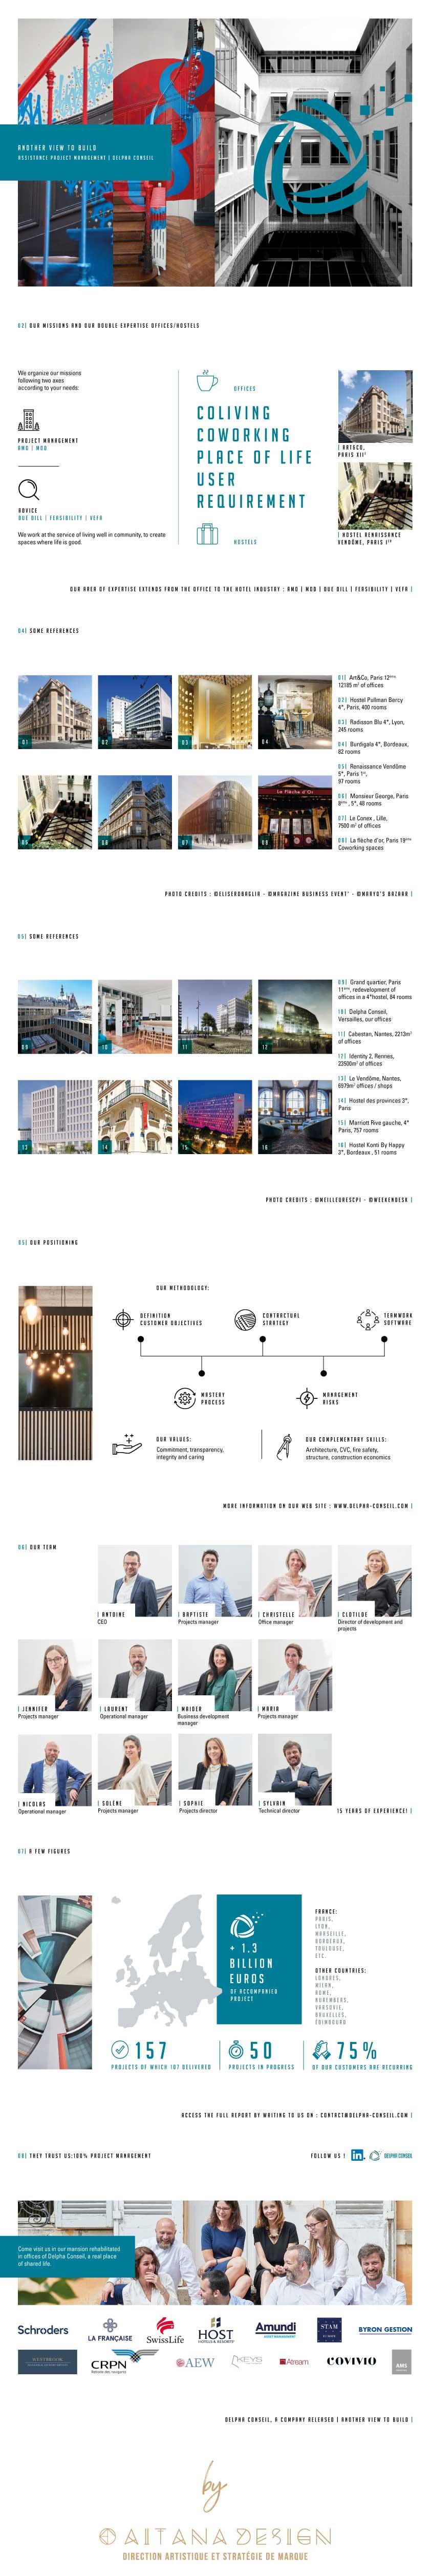 Plaquette-Commerciale-Delpha-Conseil-By-Aitana-Design